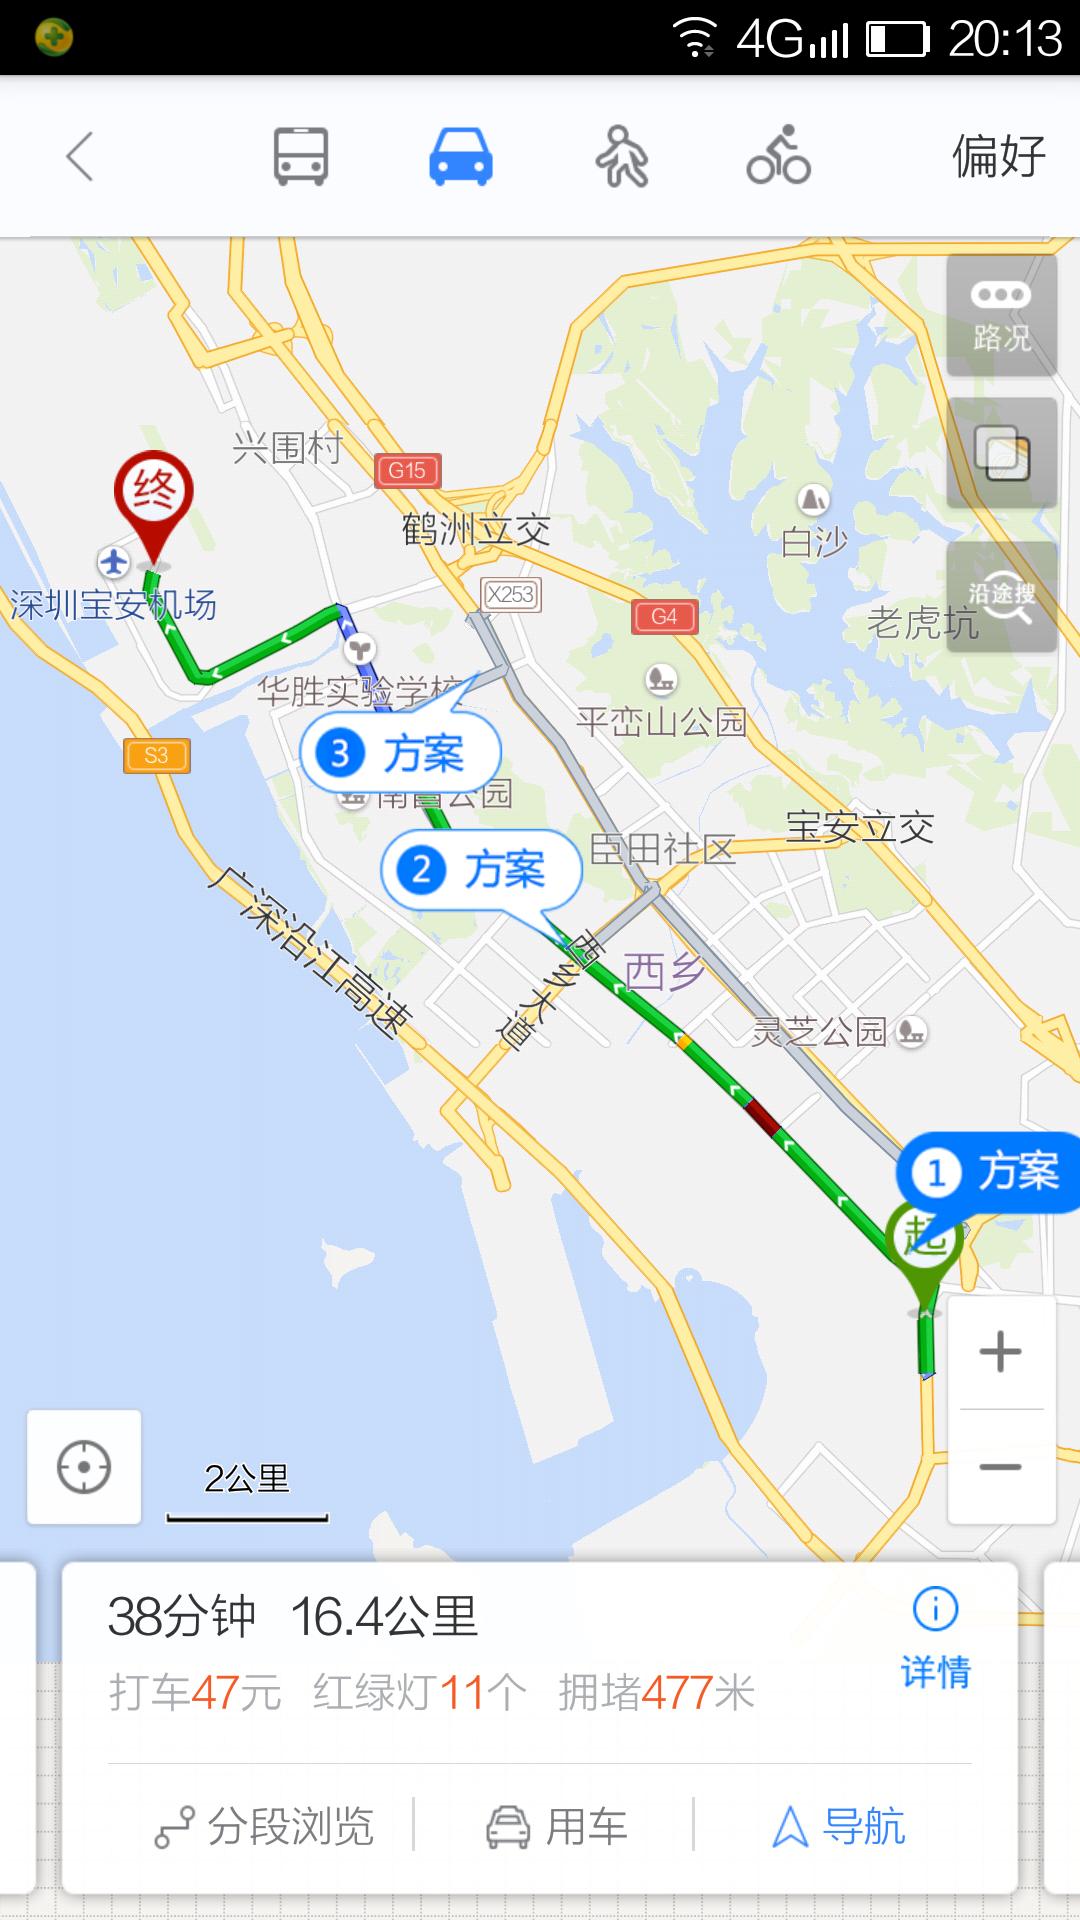 中国广东省深圳市南山区南头街道前海花园月亮湾大道到宝安国际机场有图片